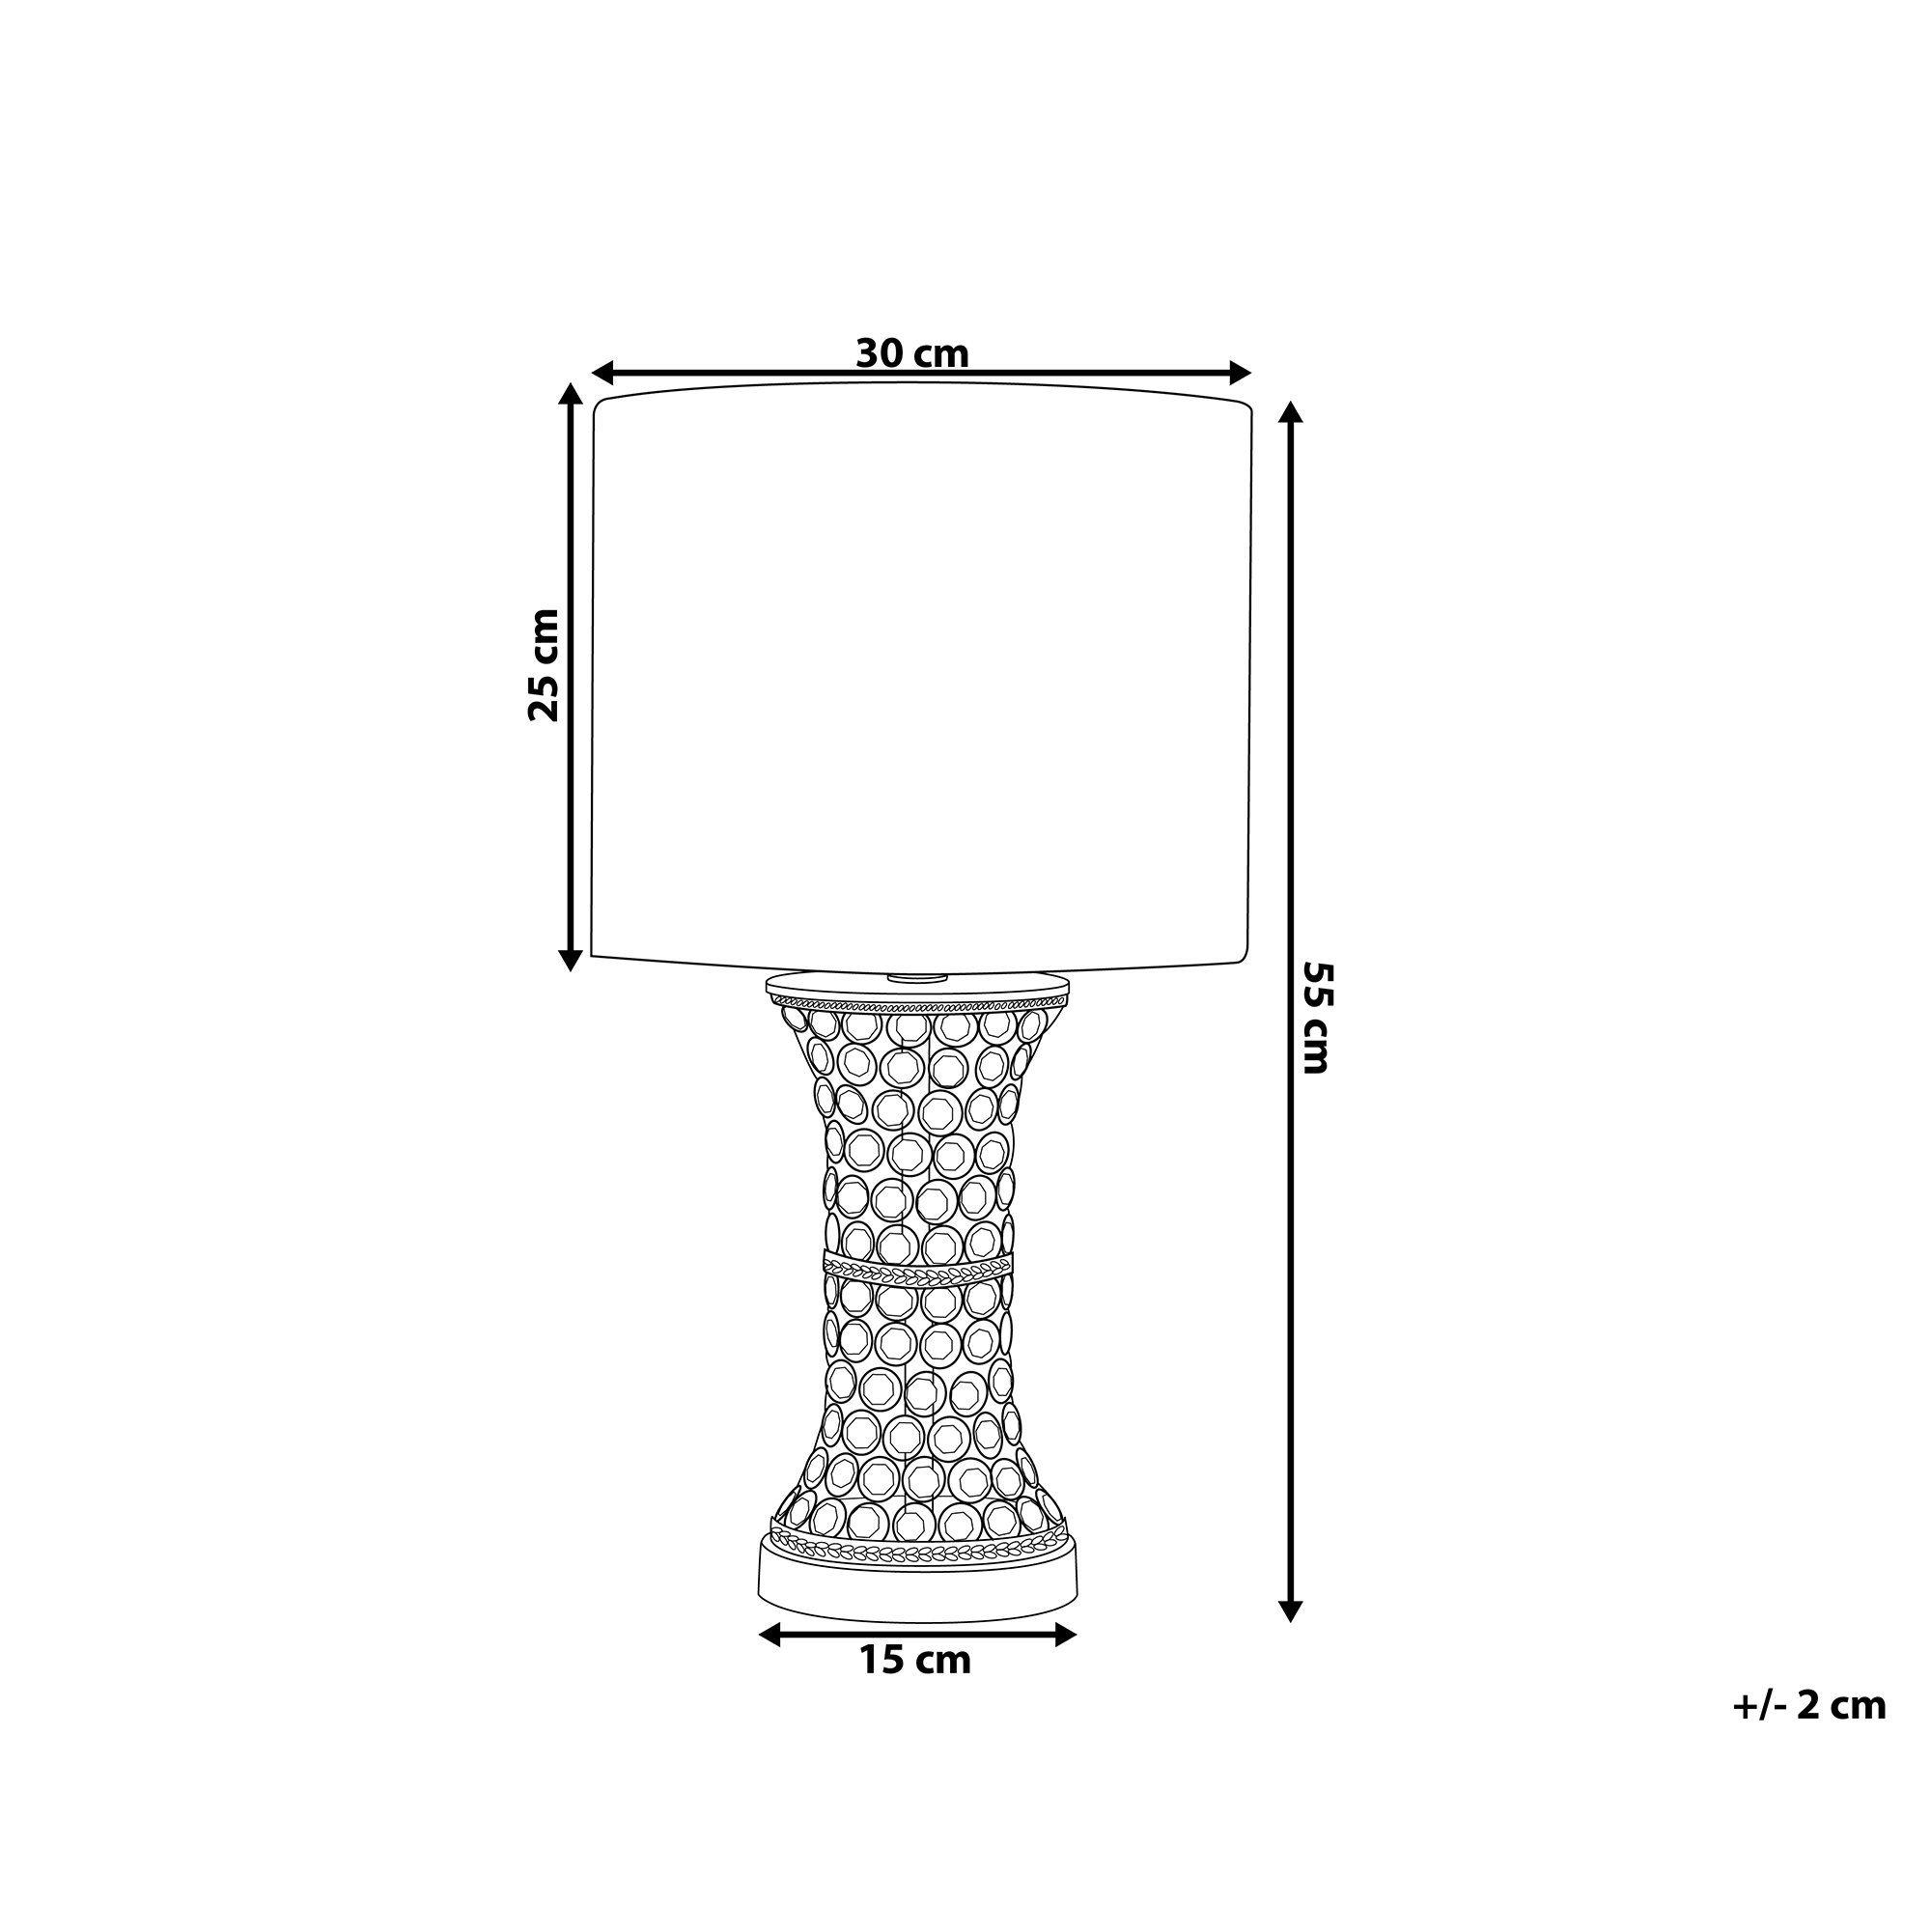 Tischlampe Silber 55 Cm Liffey In 2020 Tischlampen Lampen Silber